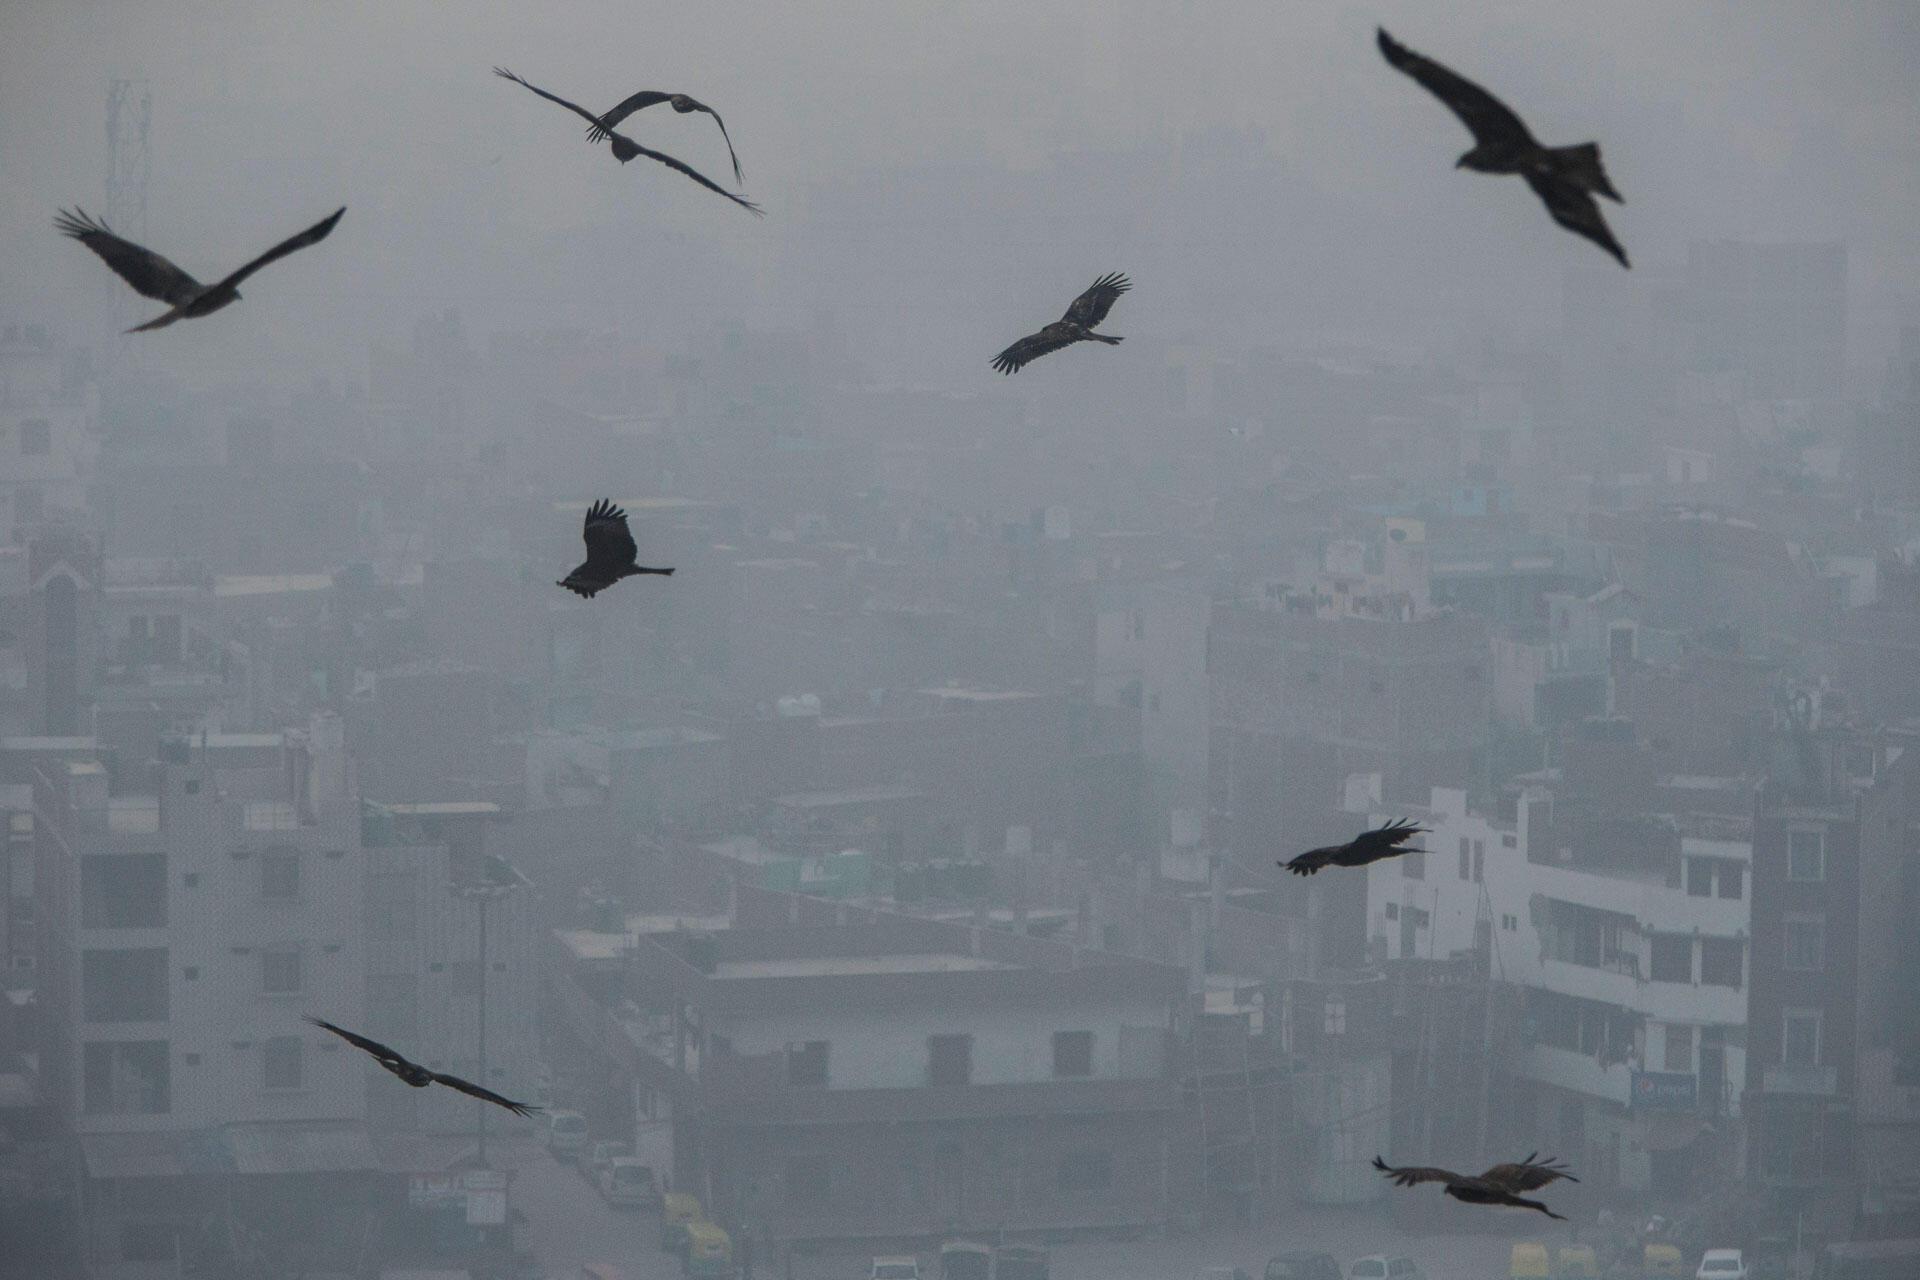 Kites circle in the early morning smog over Delhi. Luke Massey